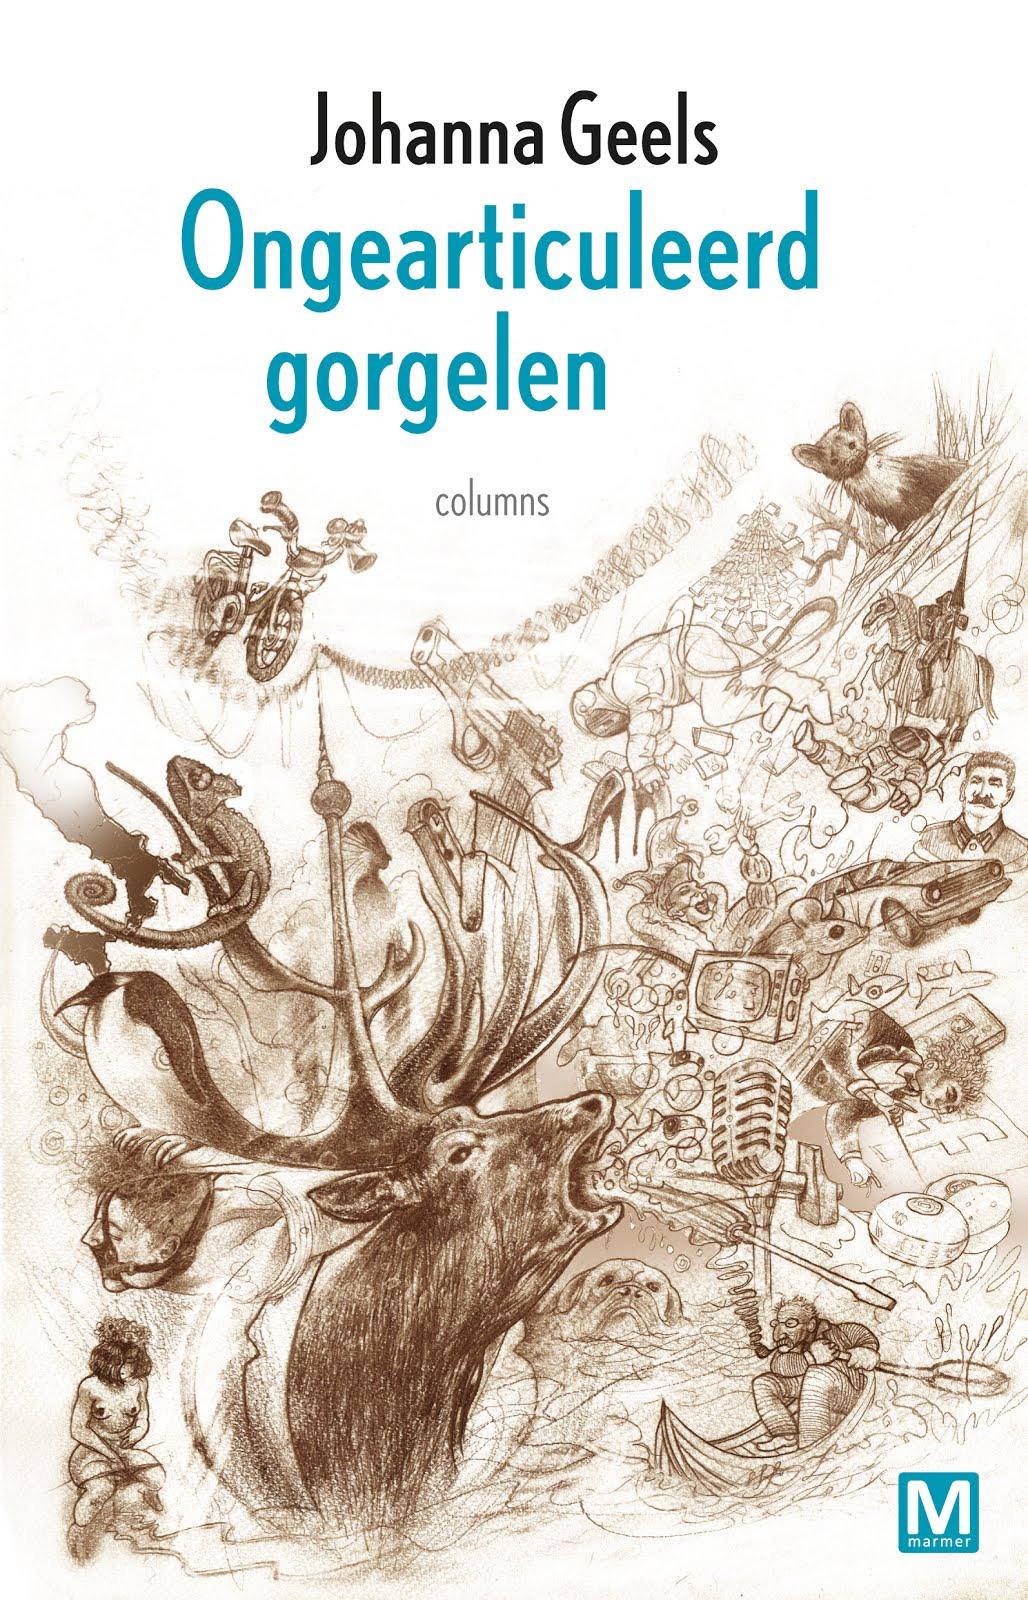 Ongearticuleerd Gorgelen (2015)